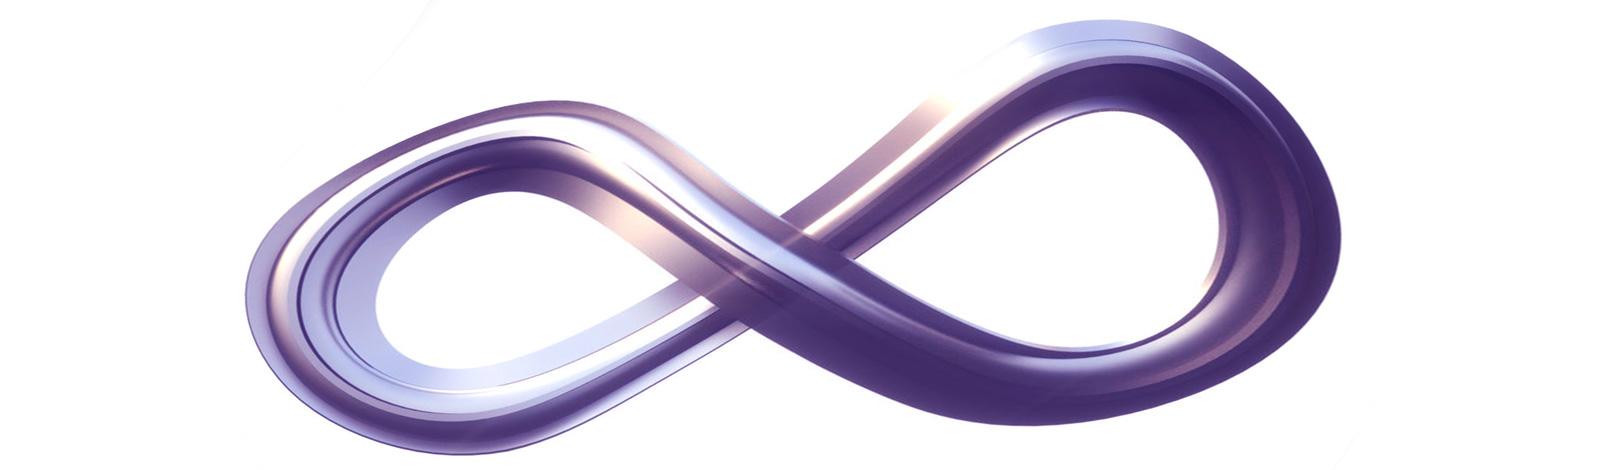 Moebius Violette